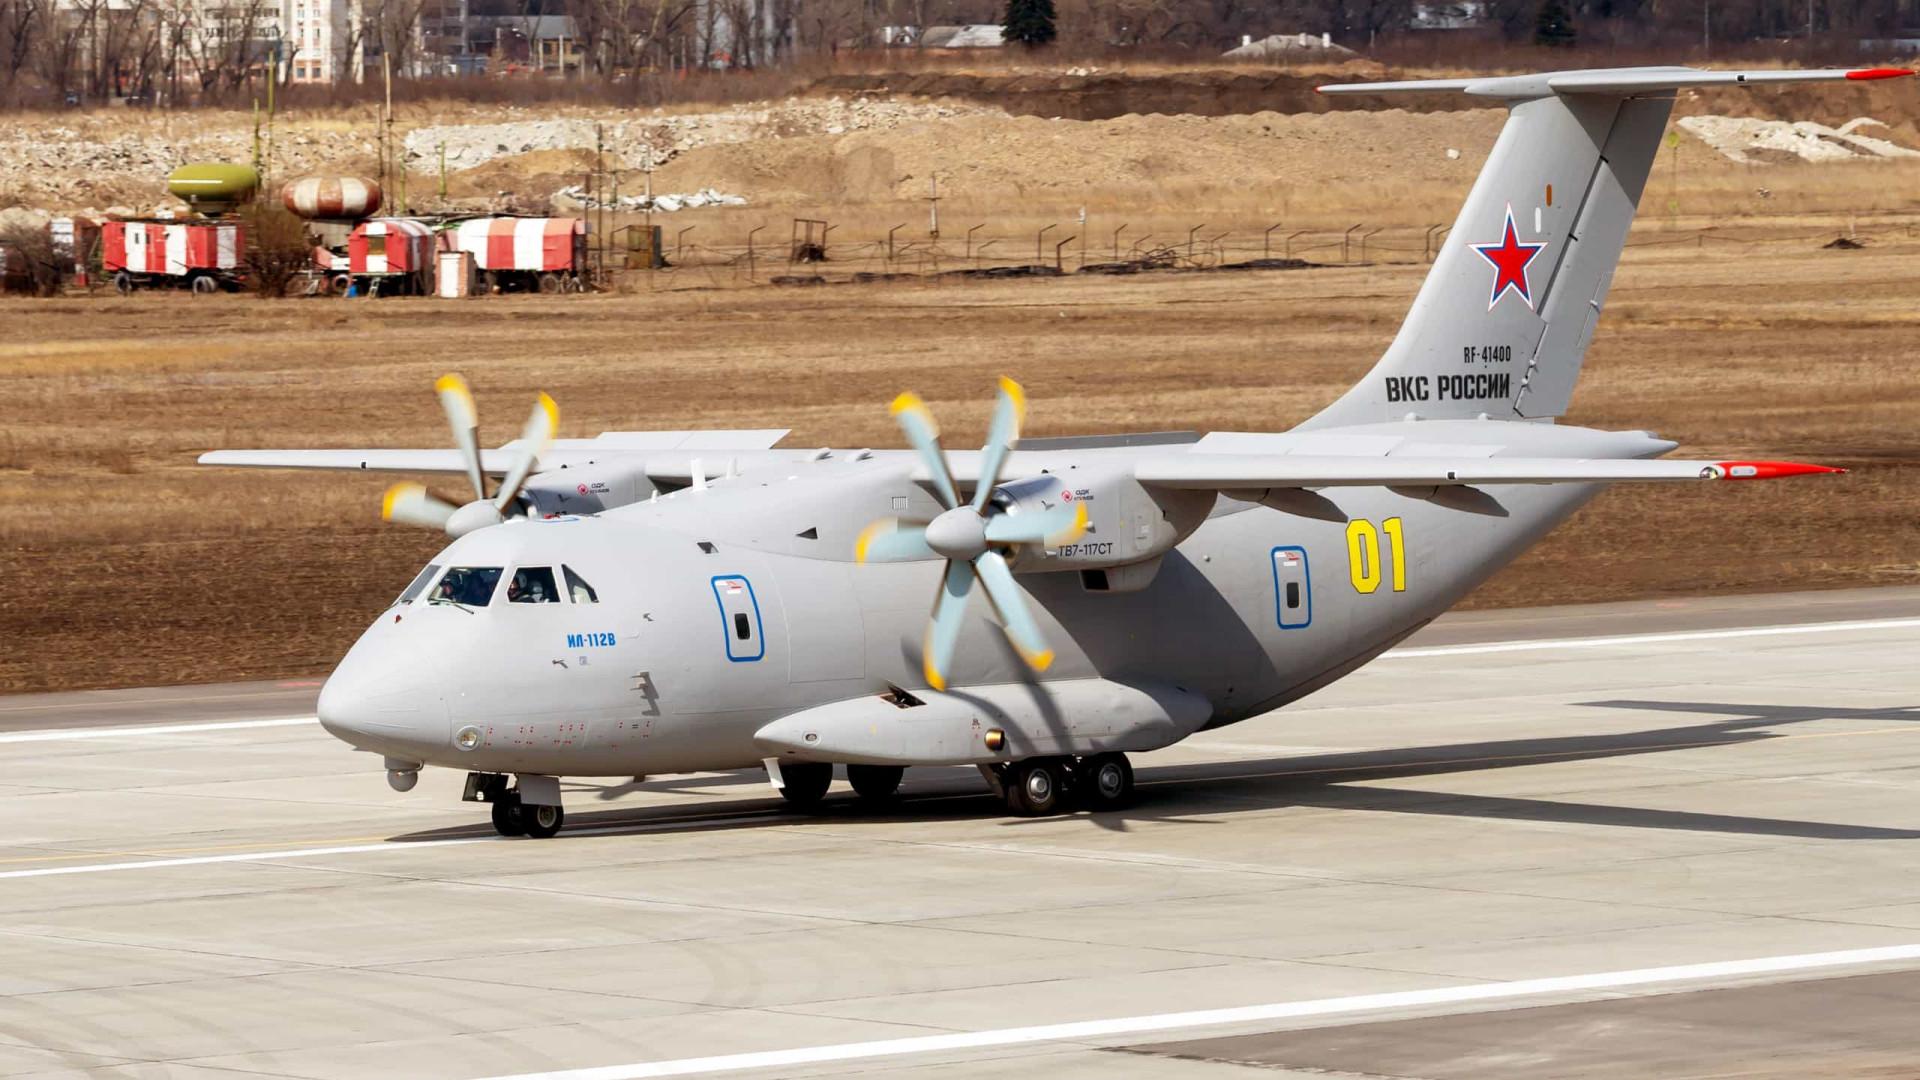 Aposta de Putin, novo avião de transporte pega fogo, cai e mata 3